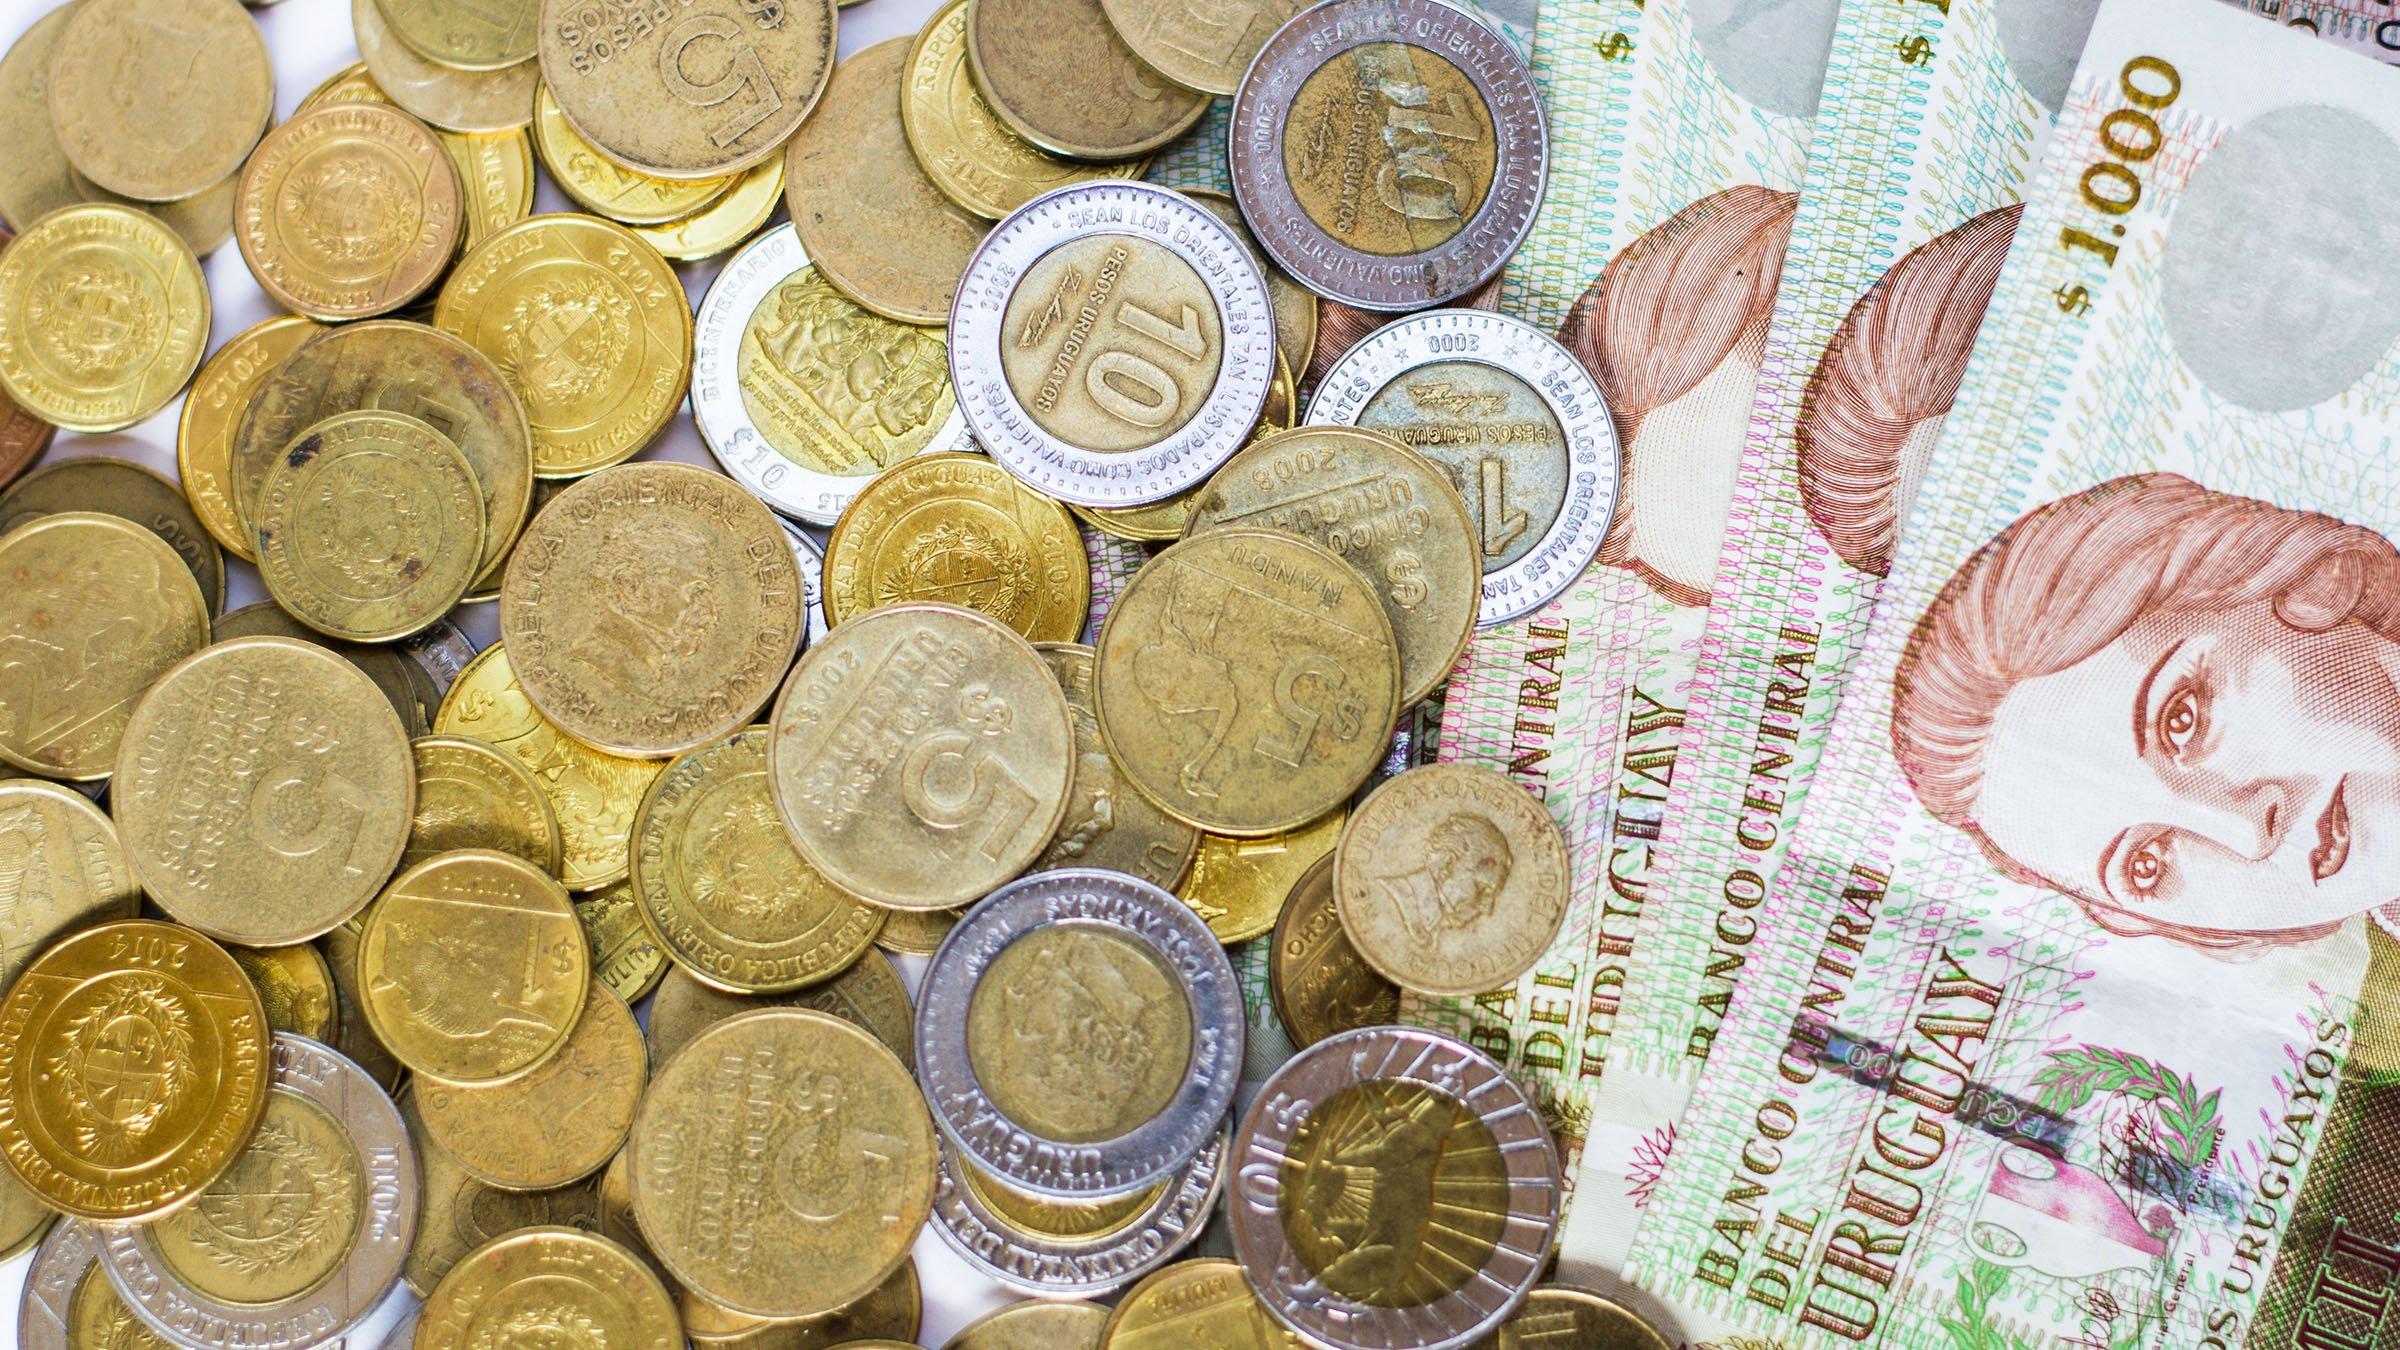 Moneda de uruguay - Oficinas de cambio de moneda ...